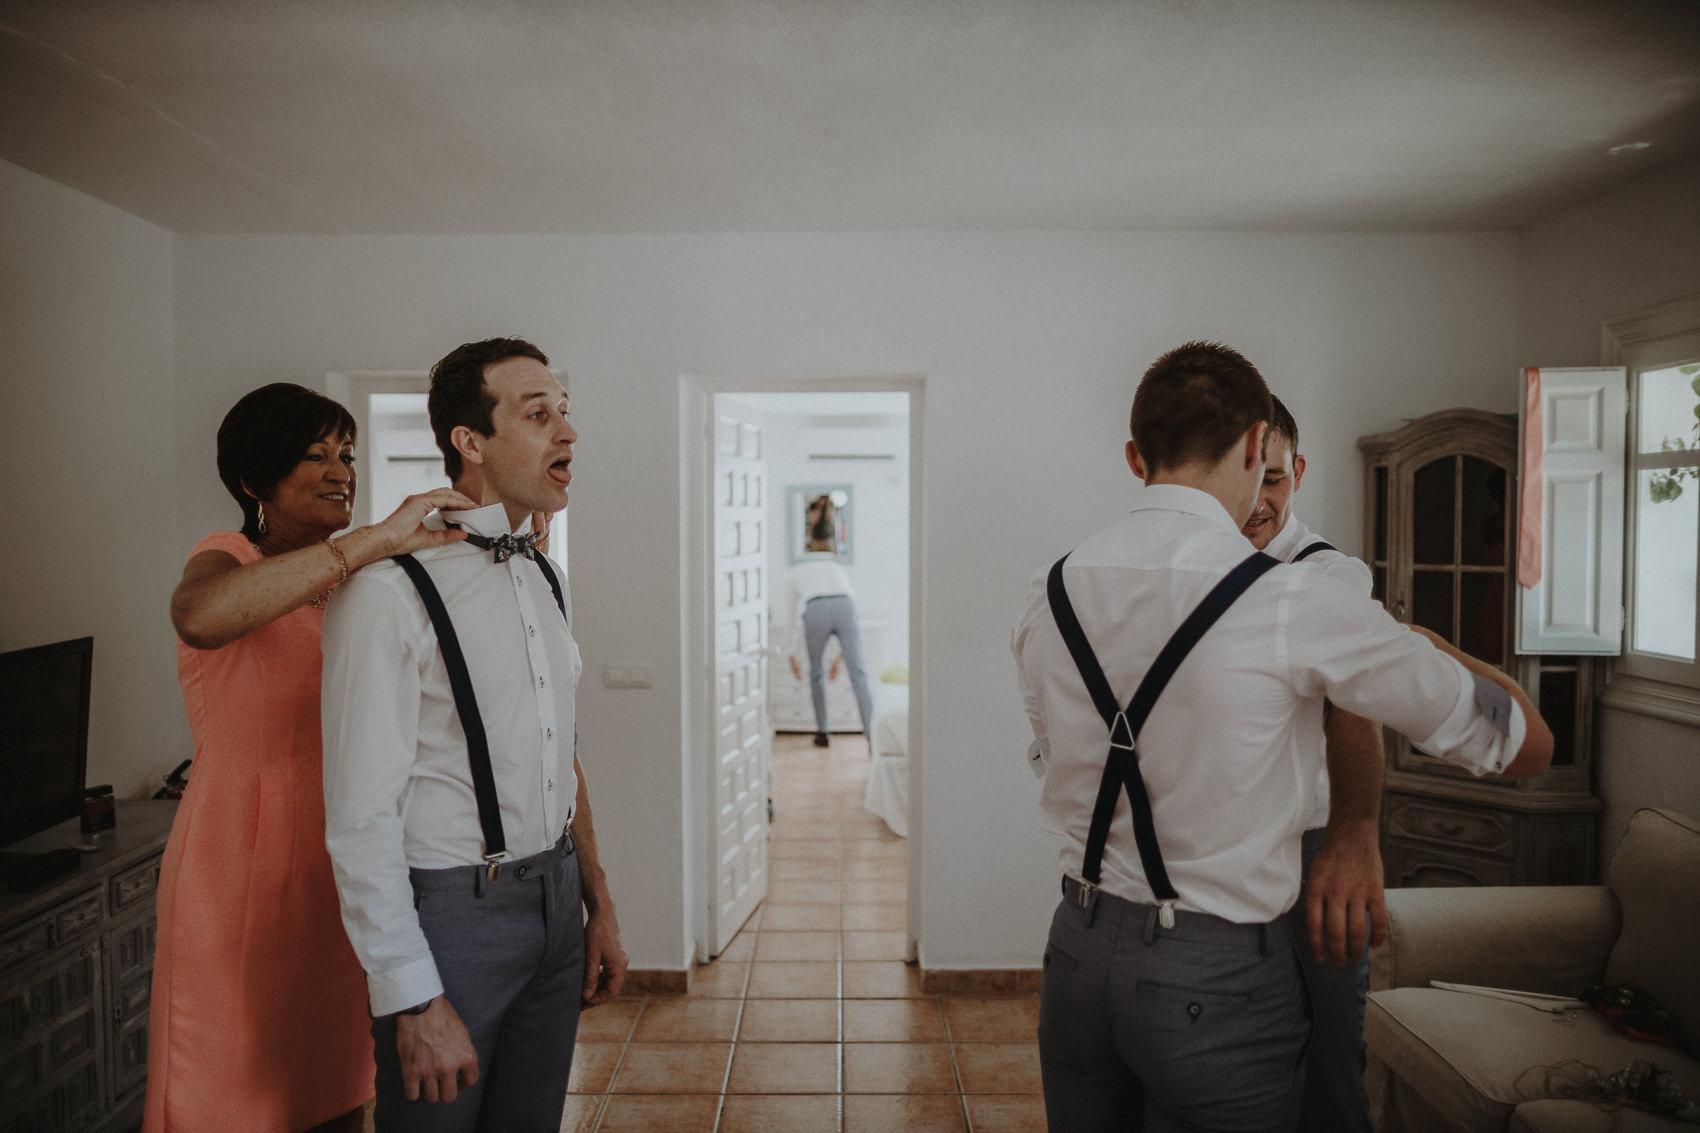 Sarah & Bill | Summer wedding at Cortijo Rosa Blanca | Marbella - Spain 34